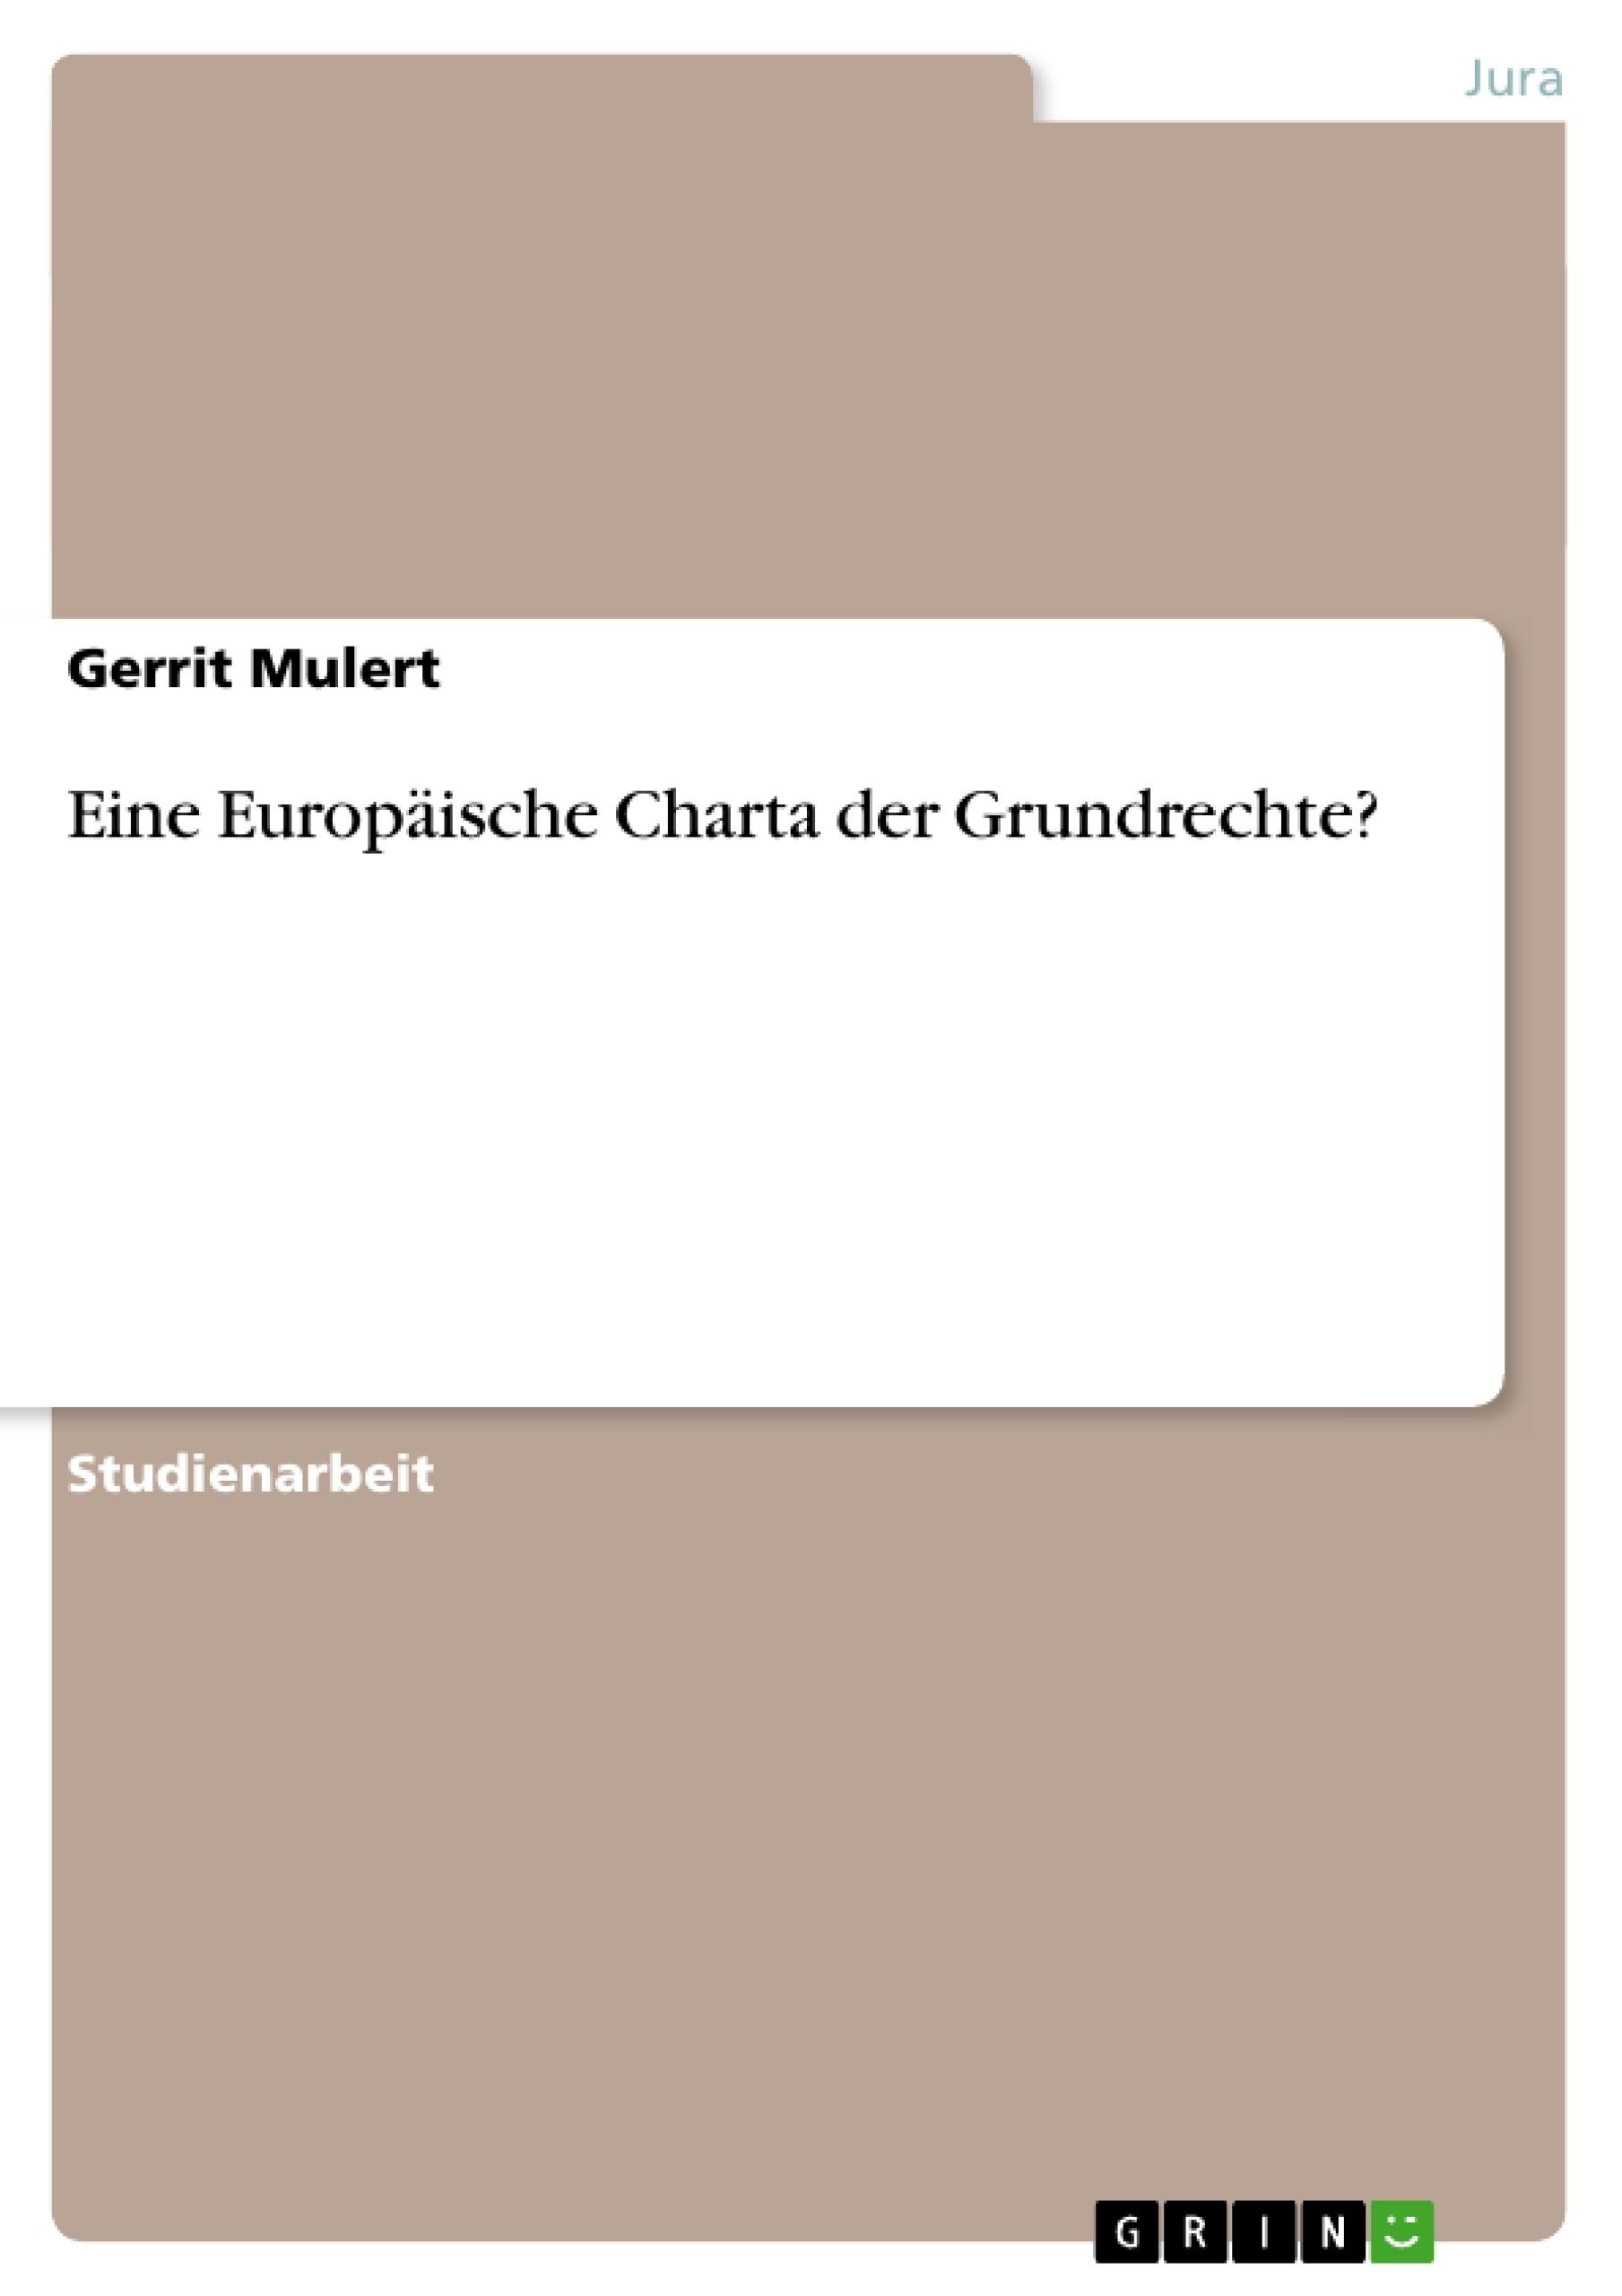 Titel: Eine Europäische Charta der Grundrechte?